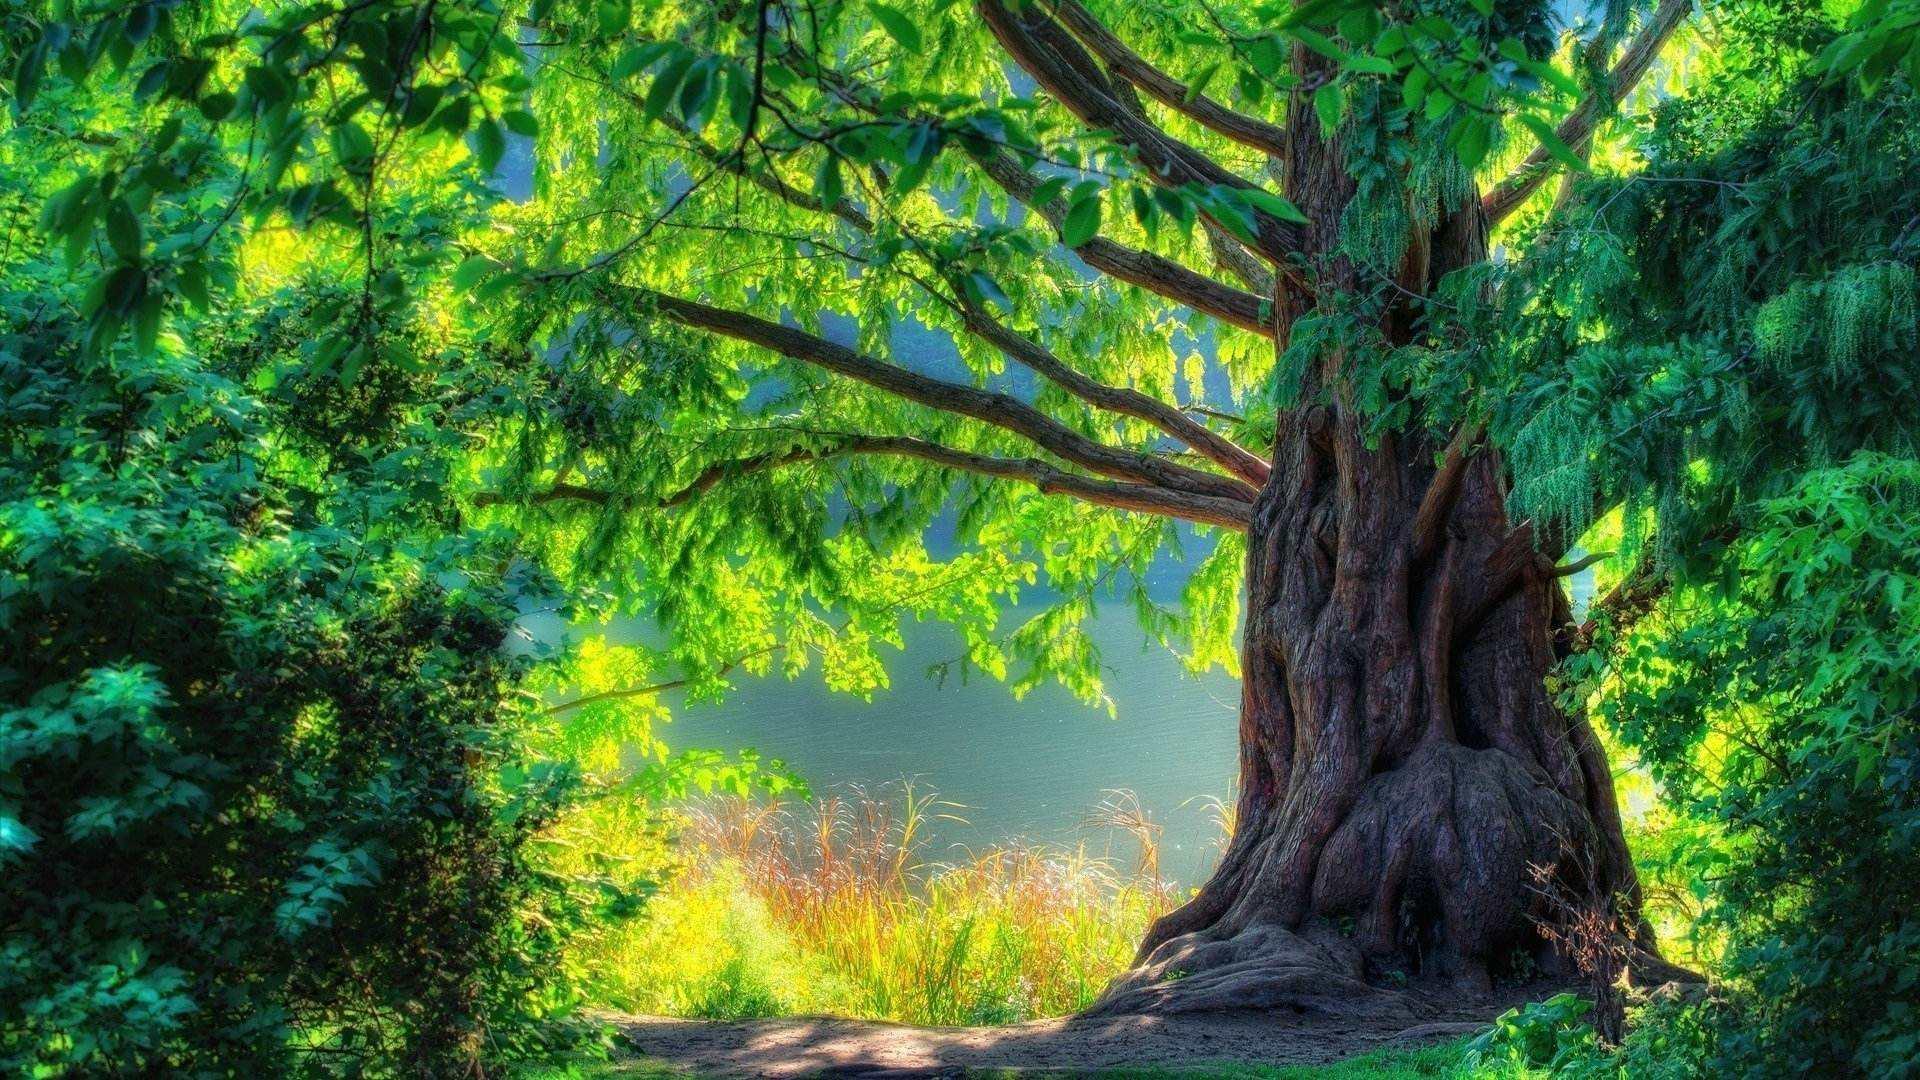 人生抒情散文欣赏:我快乐,我是一棵树